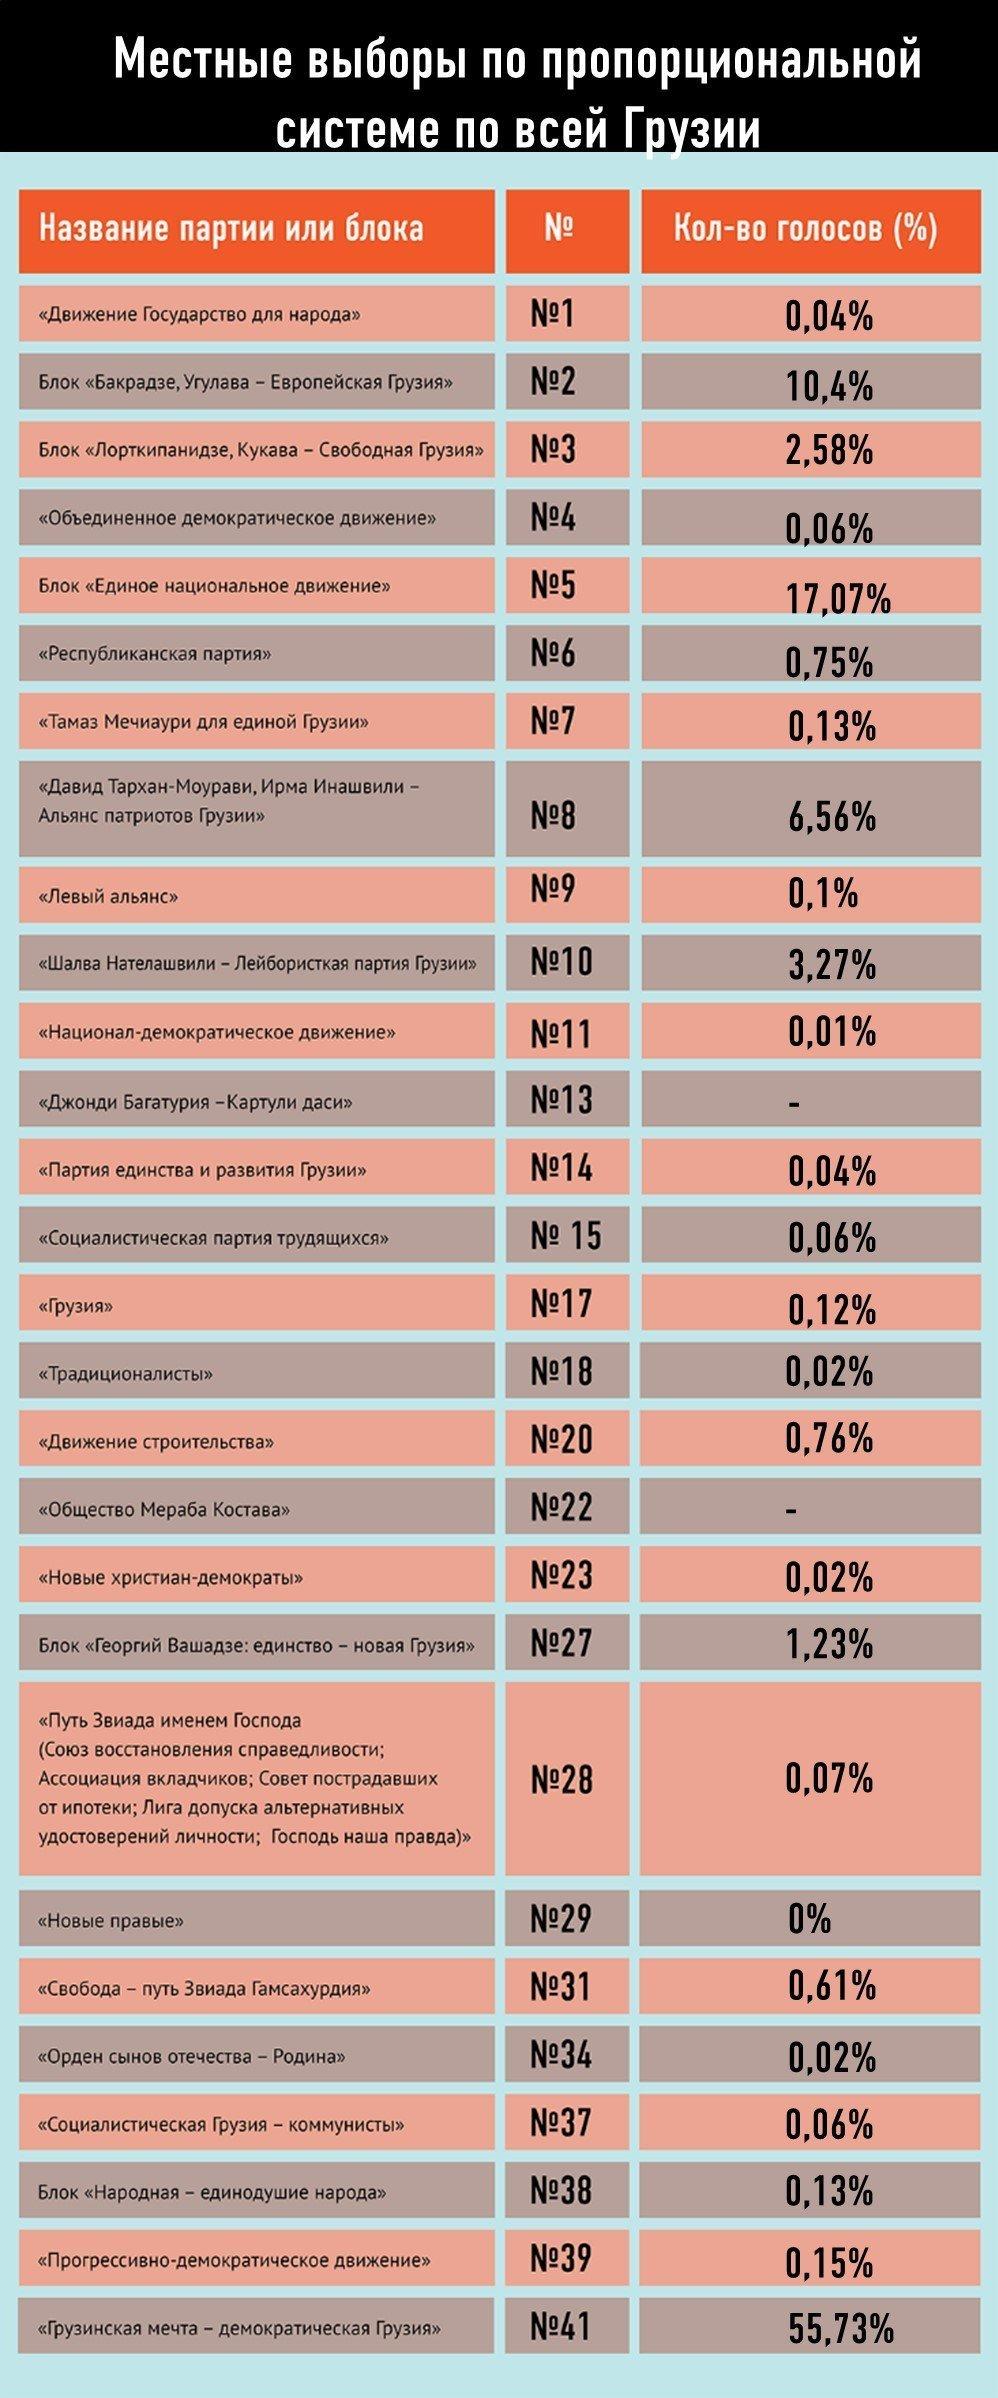 Предварительные результаты местных выборов по пропорциональной системе по всей территории Грузии